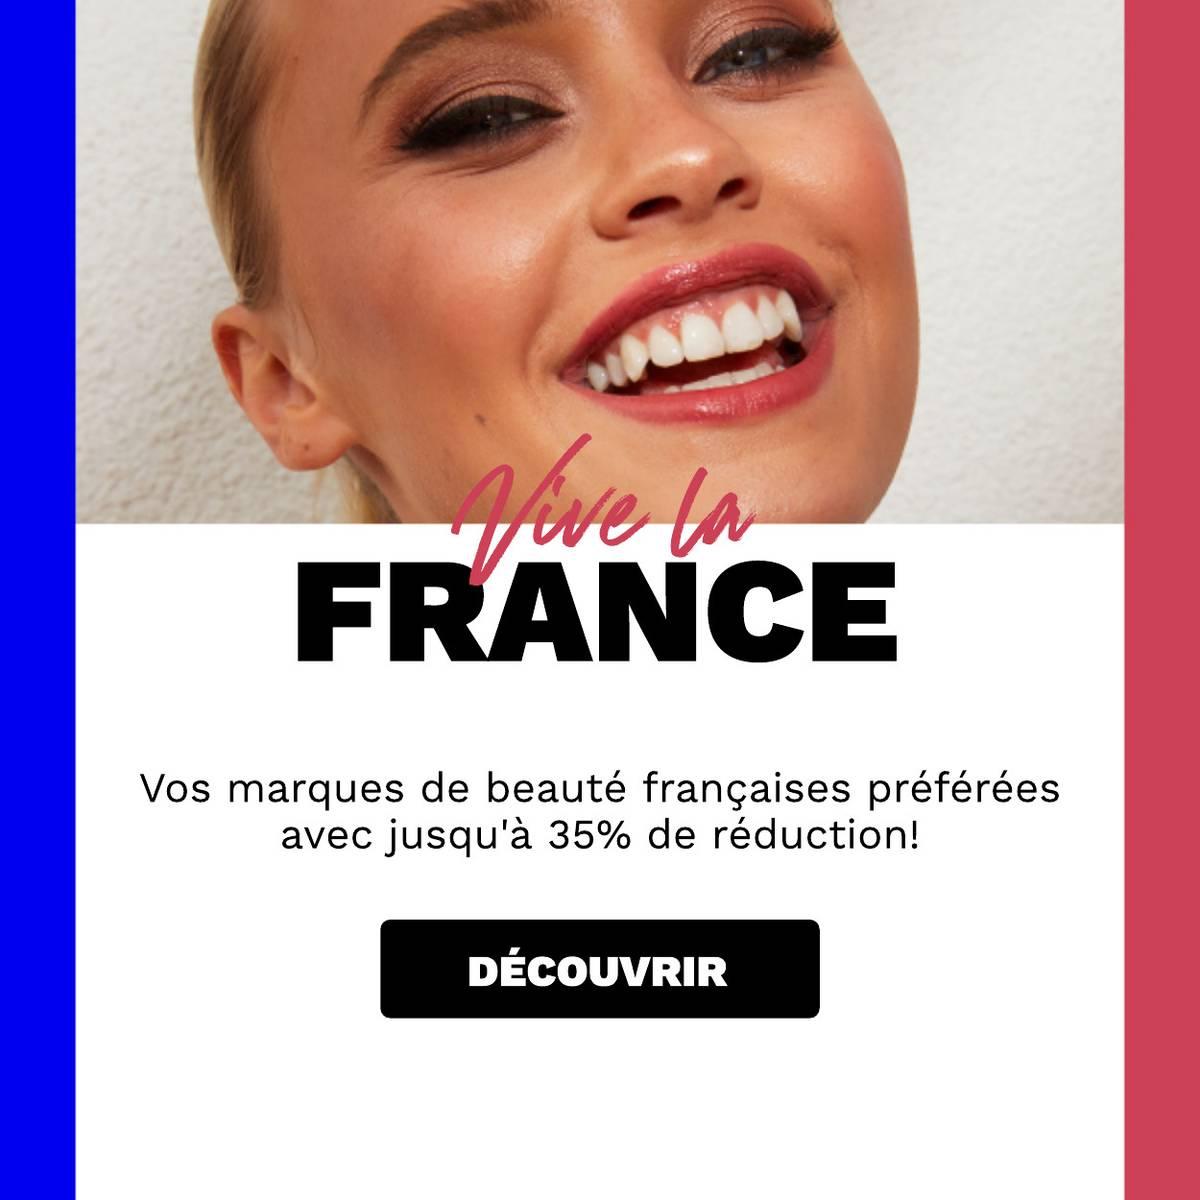 Économisez jusqu'à 30% sur vos marques françaises préférées !